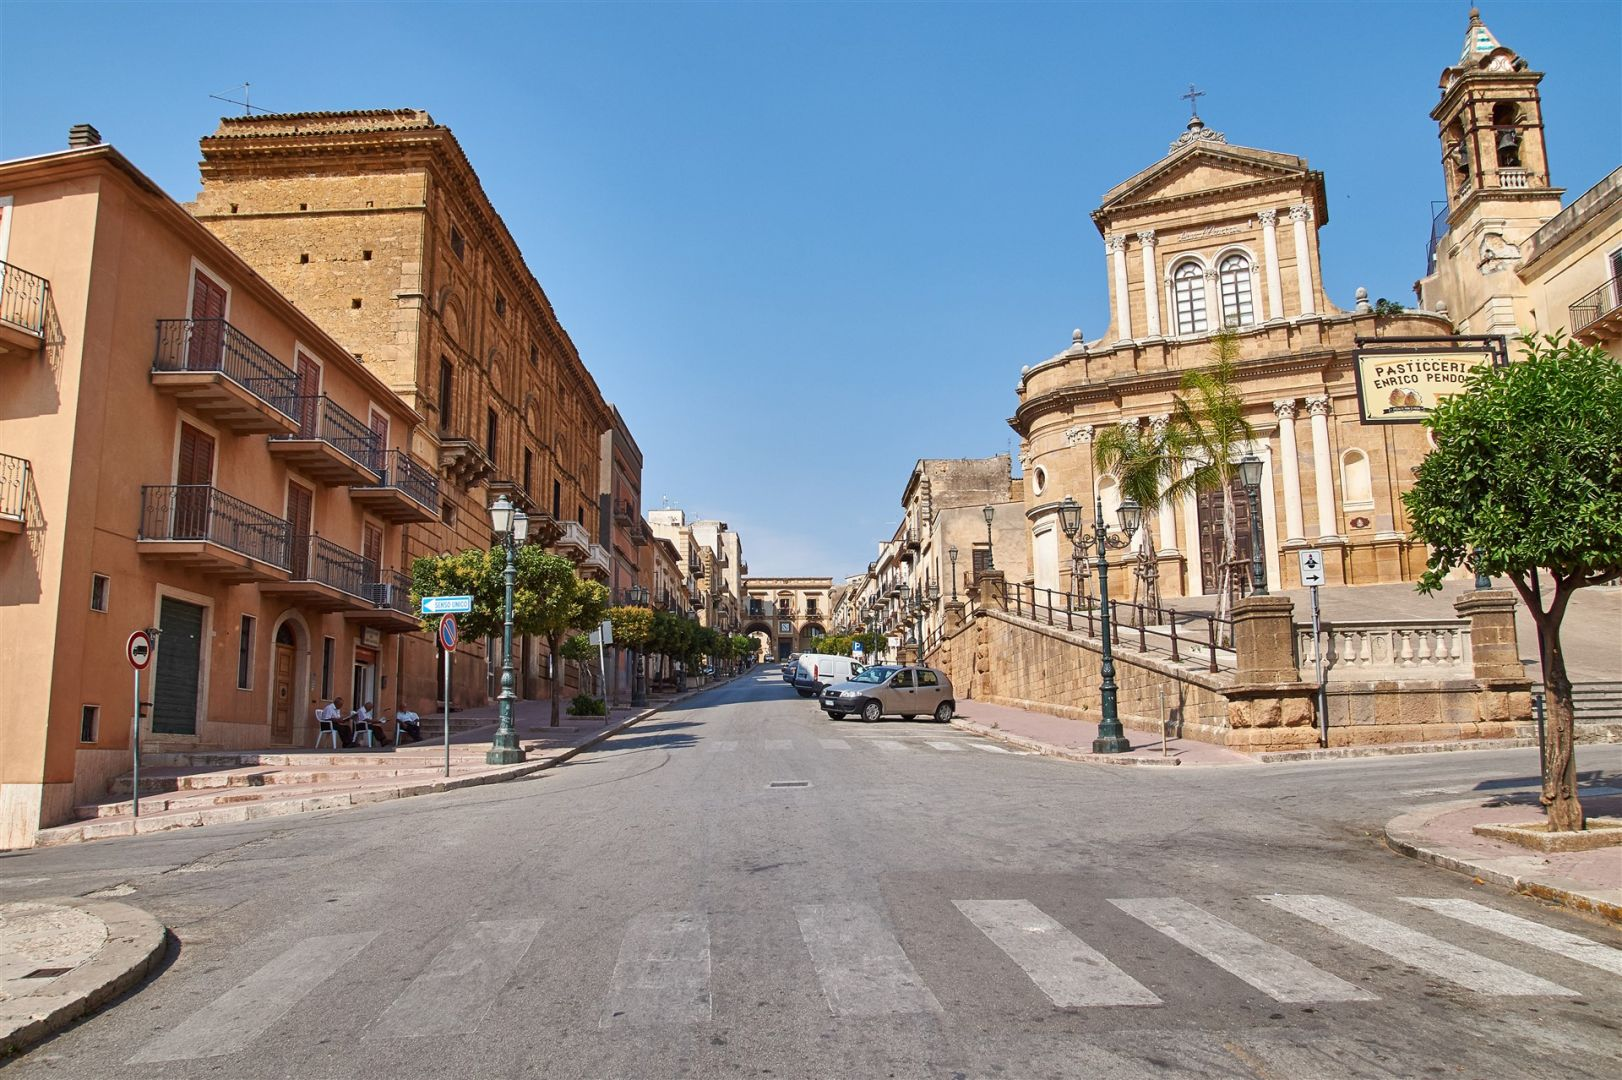 Case in vendita a 1 euro, Sambuca di Sicilia punta al rilancio